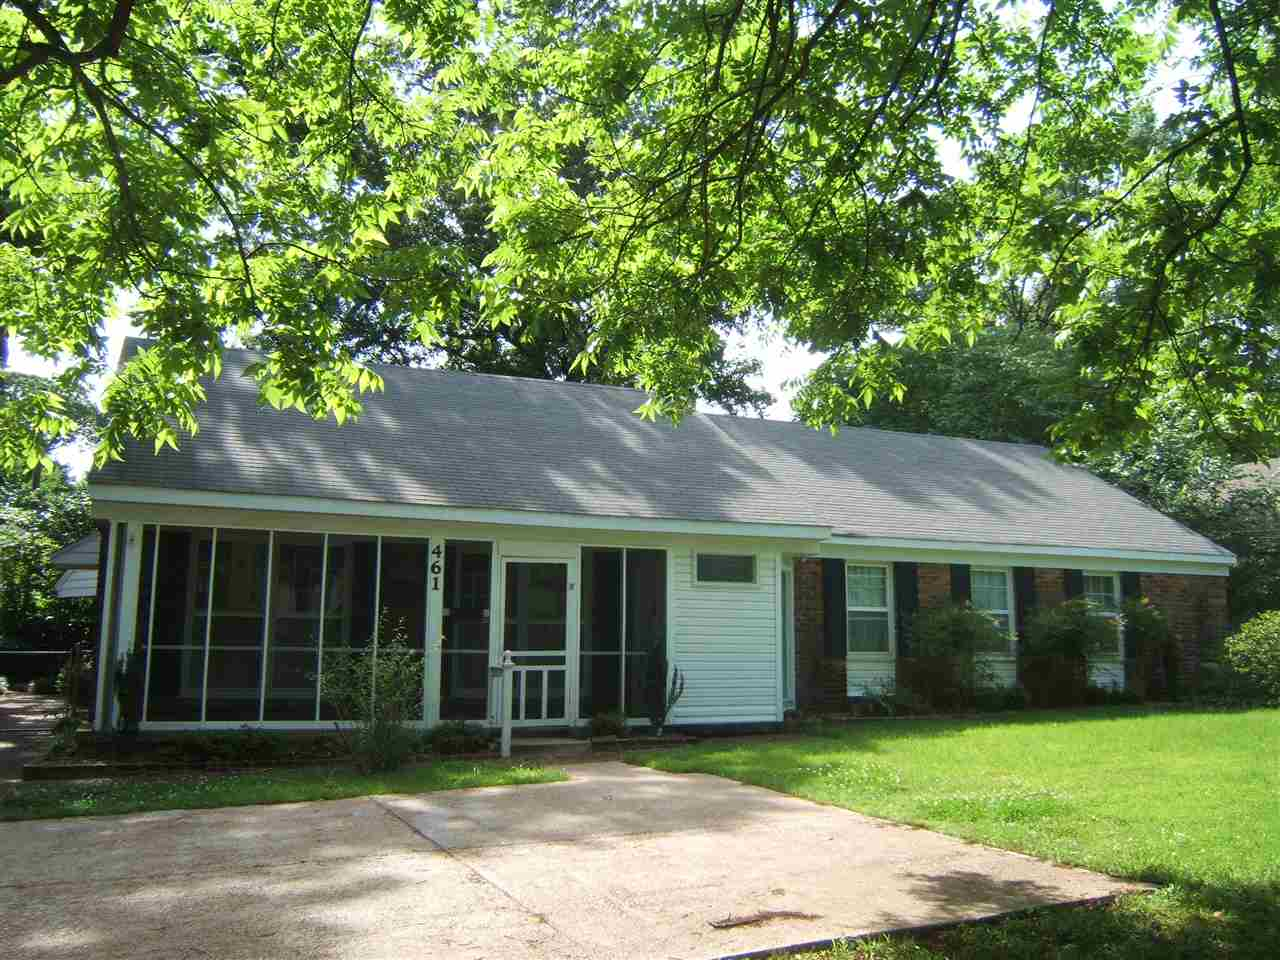 461 N MENDENHALL RD, Memphis, TN 38117